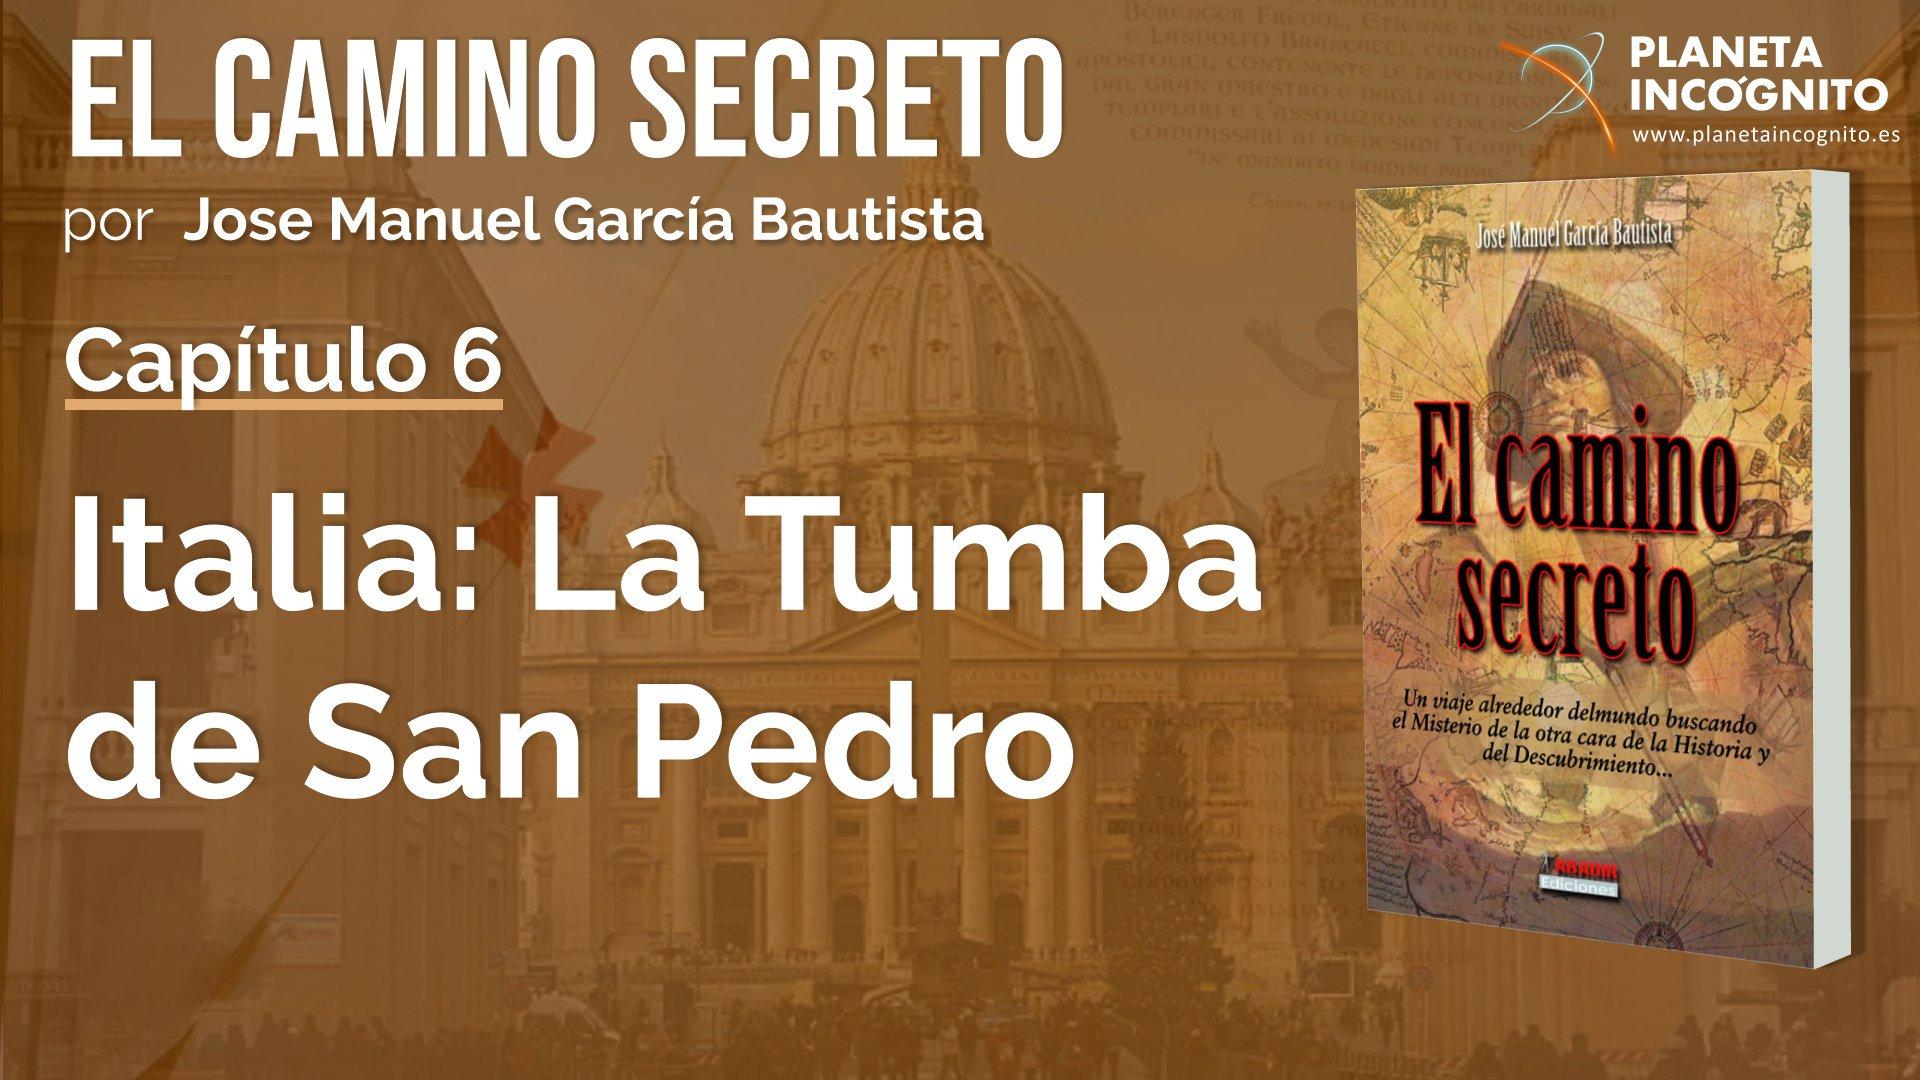 El Camino Secreto – Jose Manuel García Bautista – 7º fascículo – Capítulo 6 – Italia : La Tumba de San Pedro